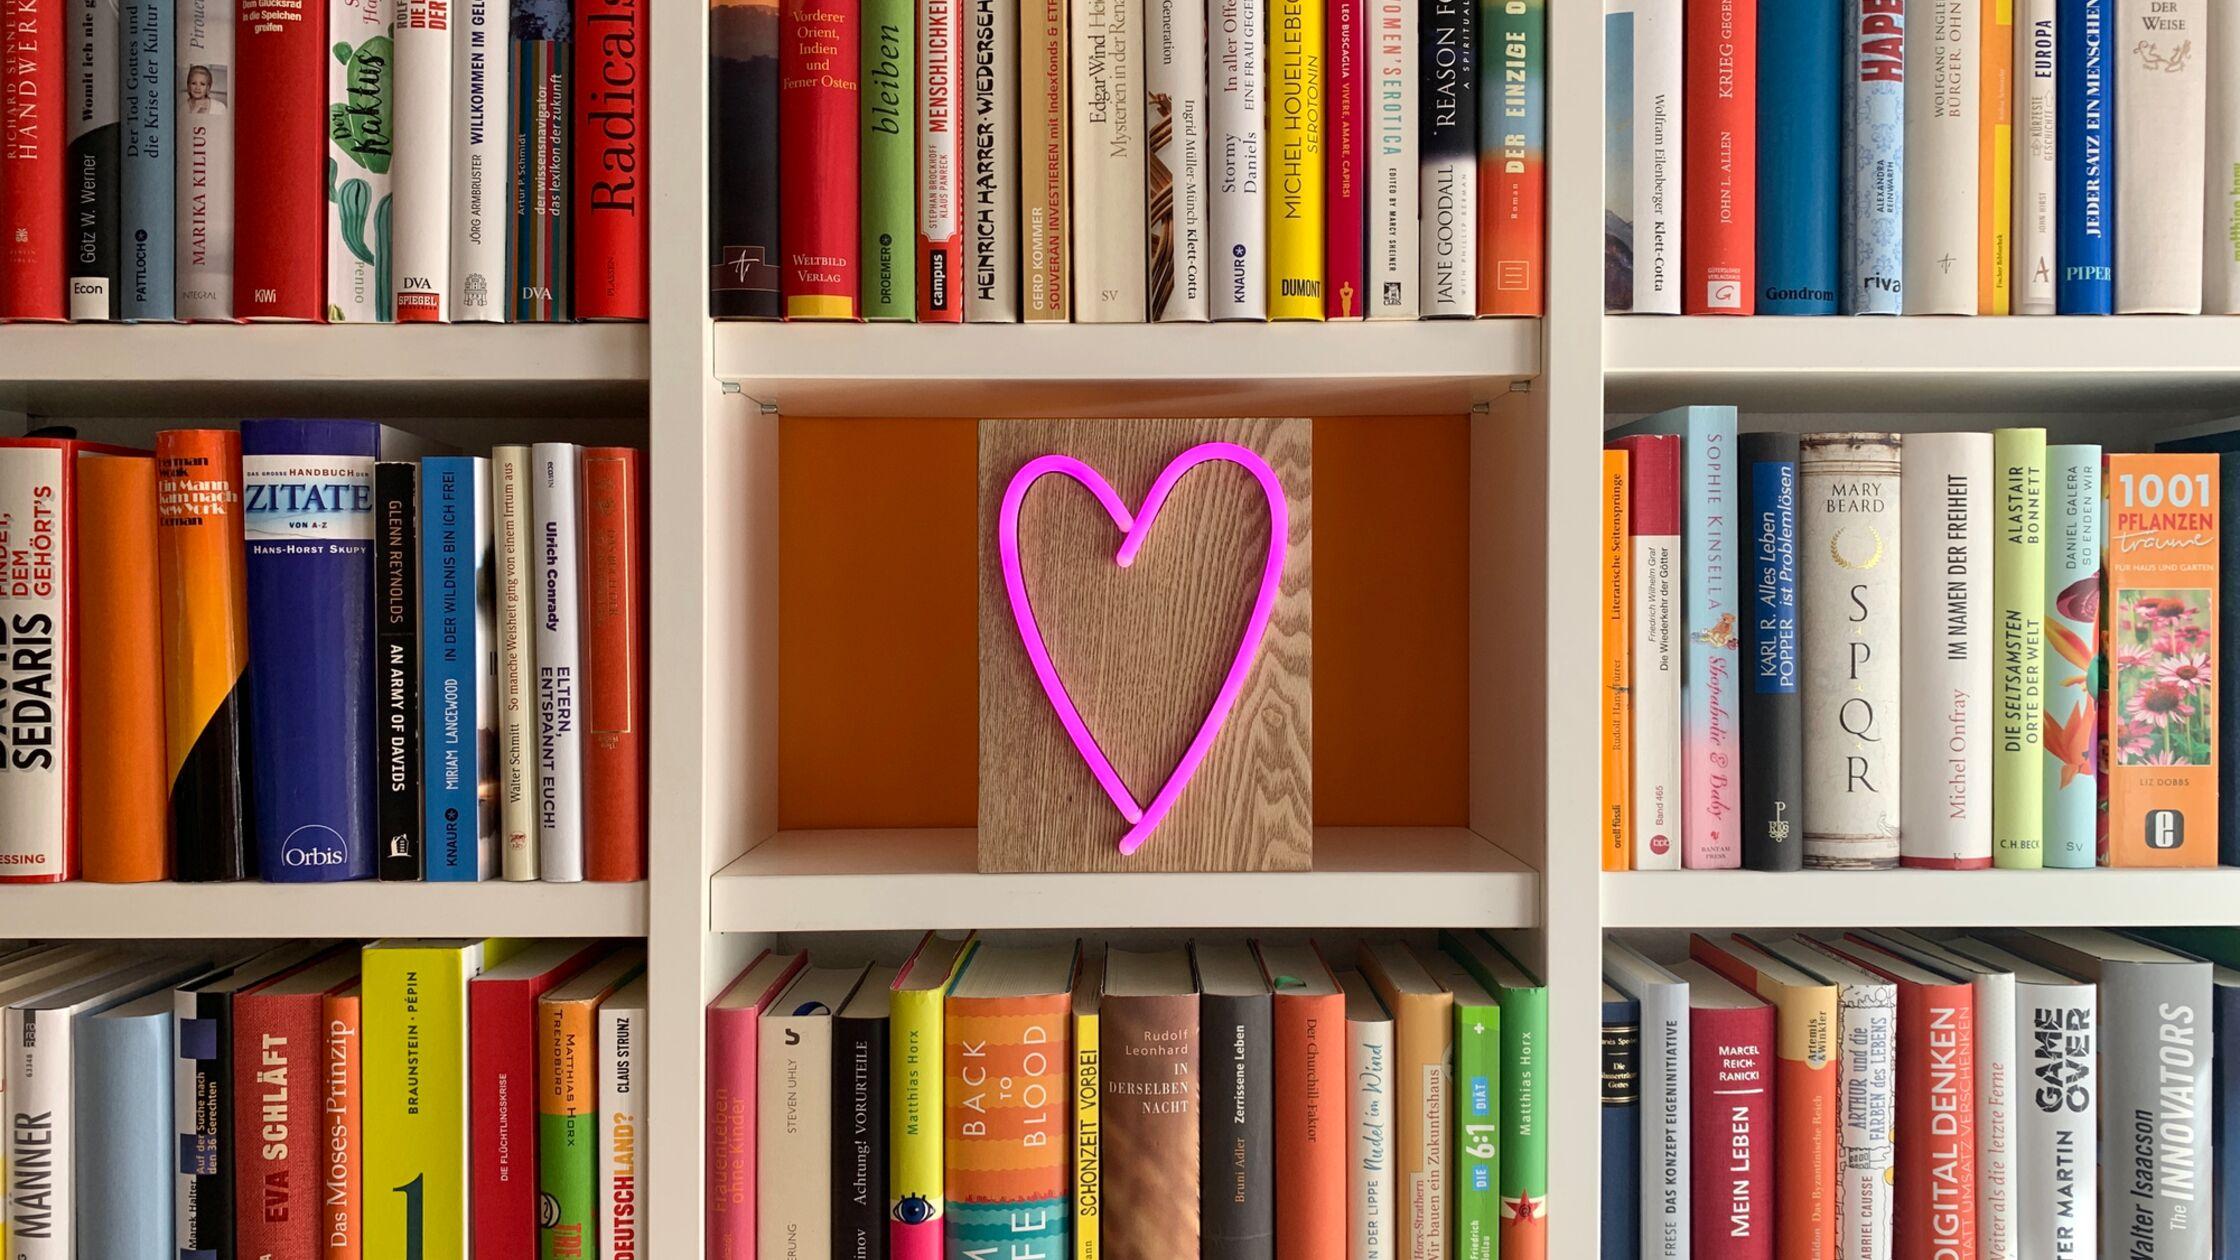 Bunte Bücher im Regal mit Neon-Herz in der Mitte